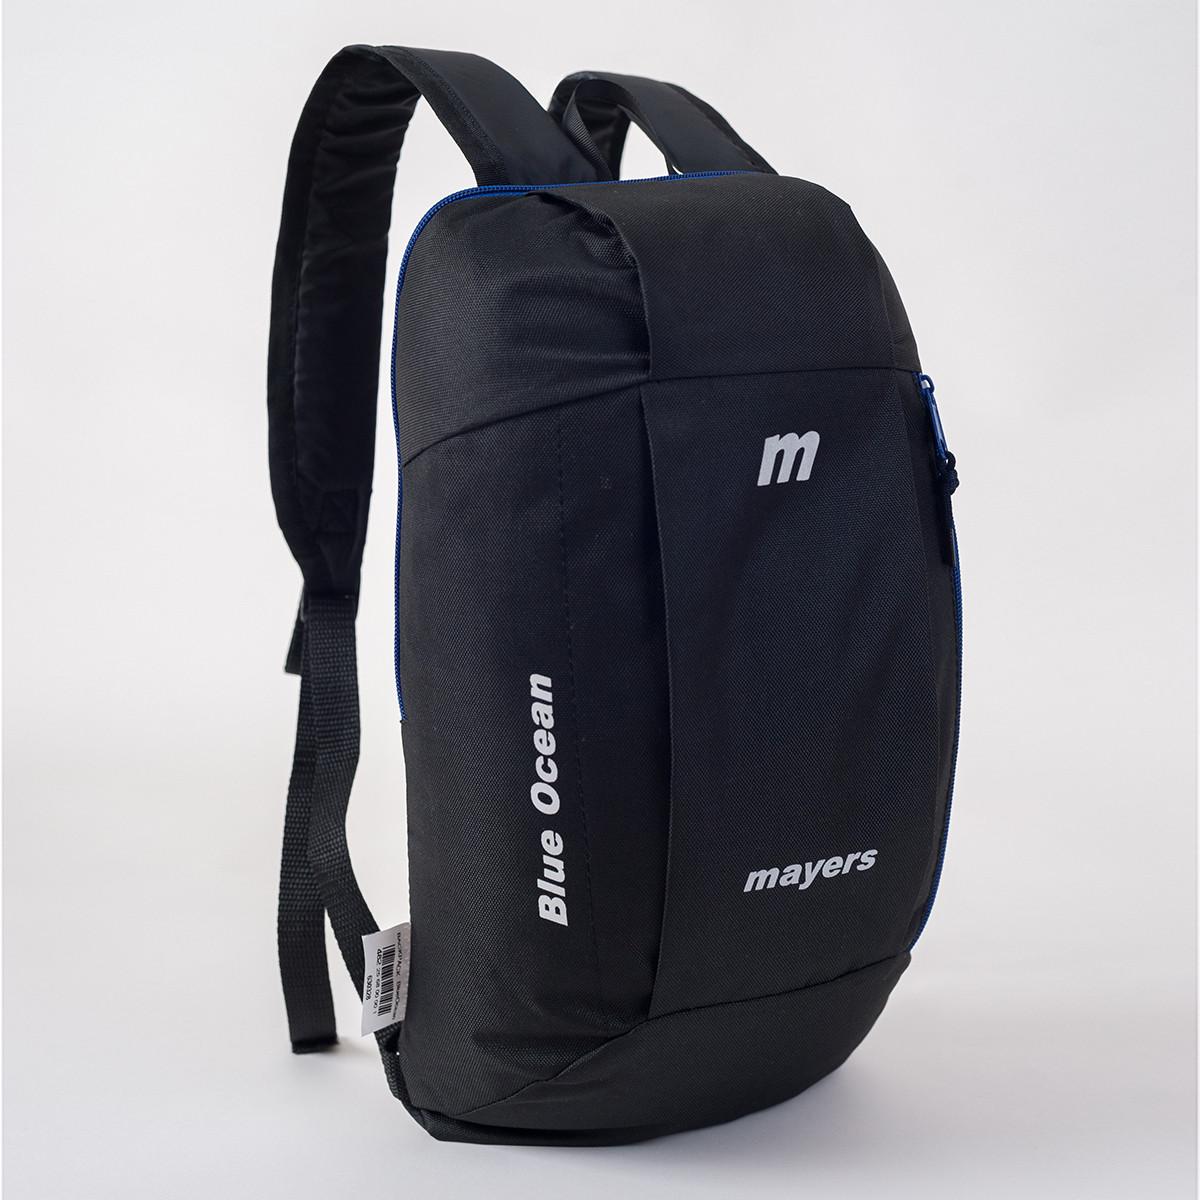 Спортивный рюкзак Mayers 10L, черный / синяя молния, фото 2